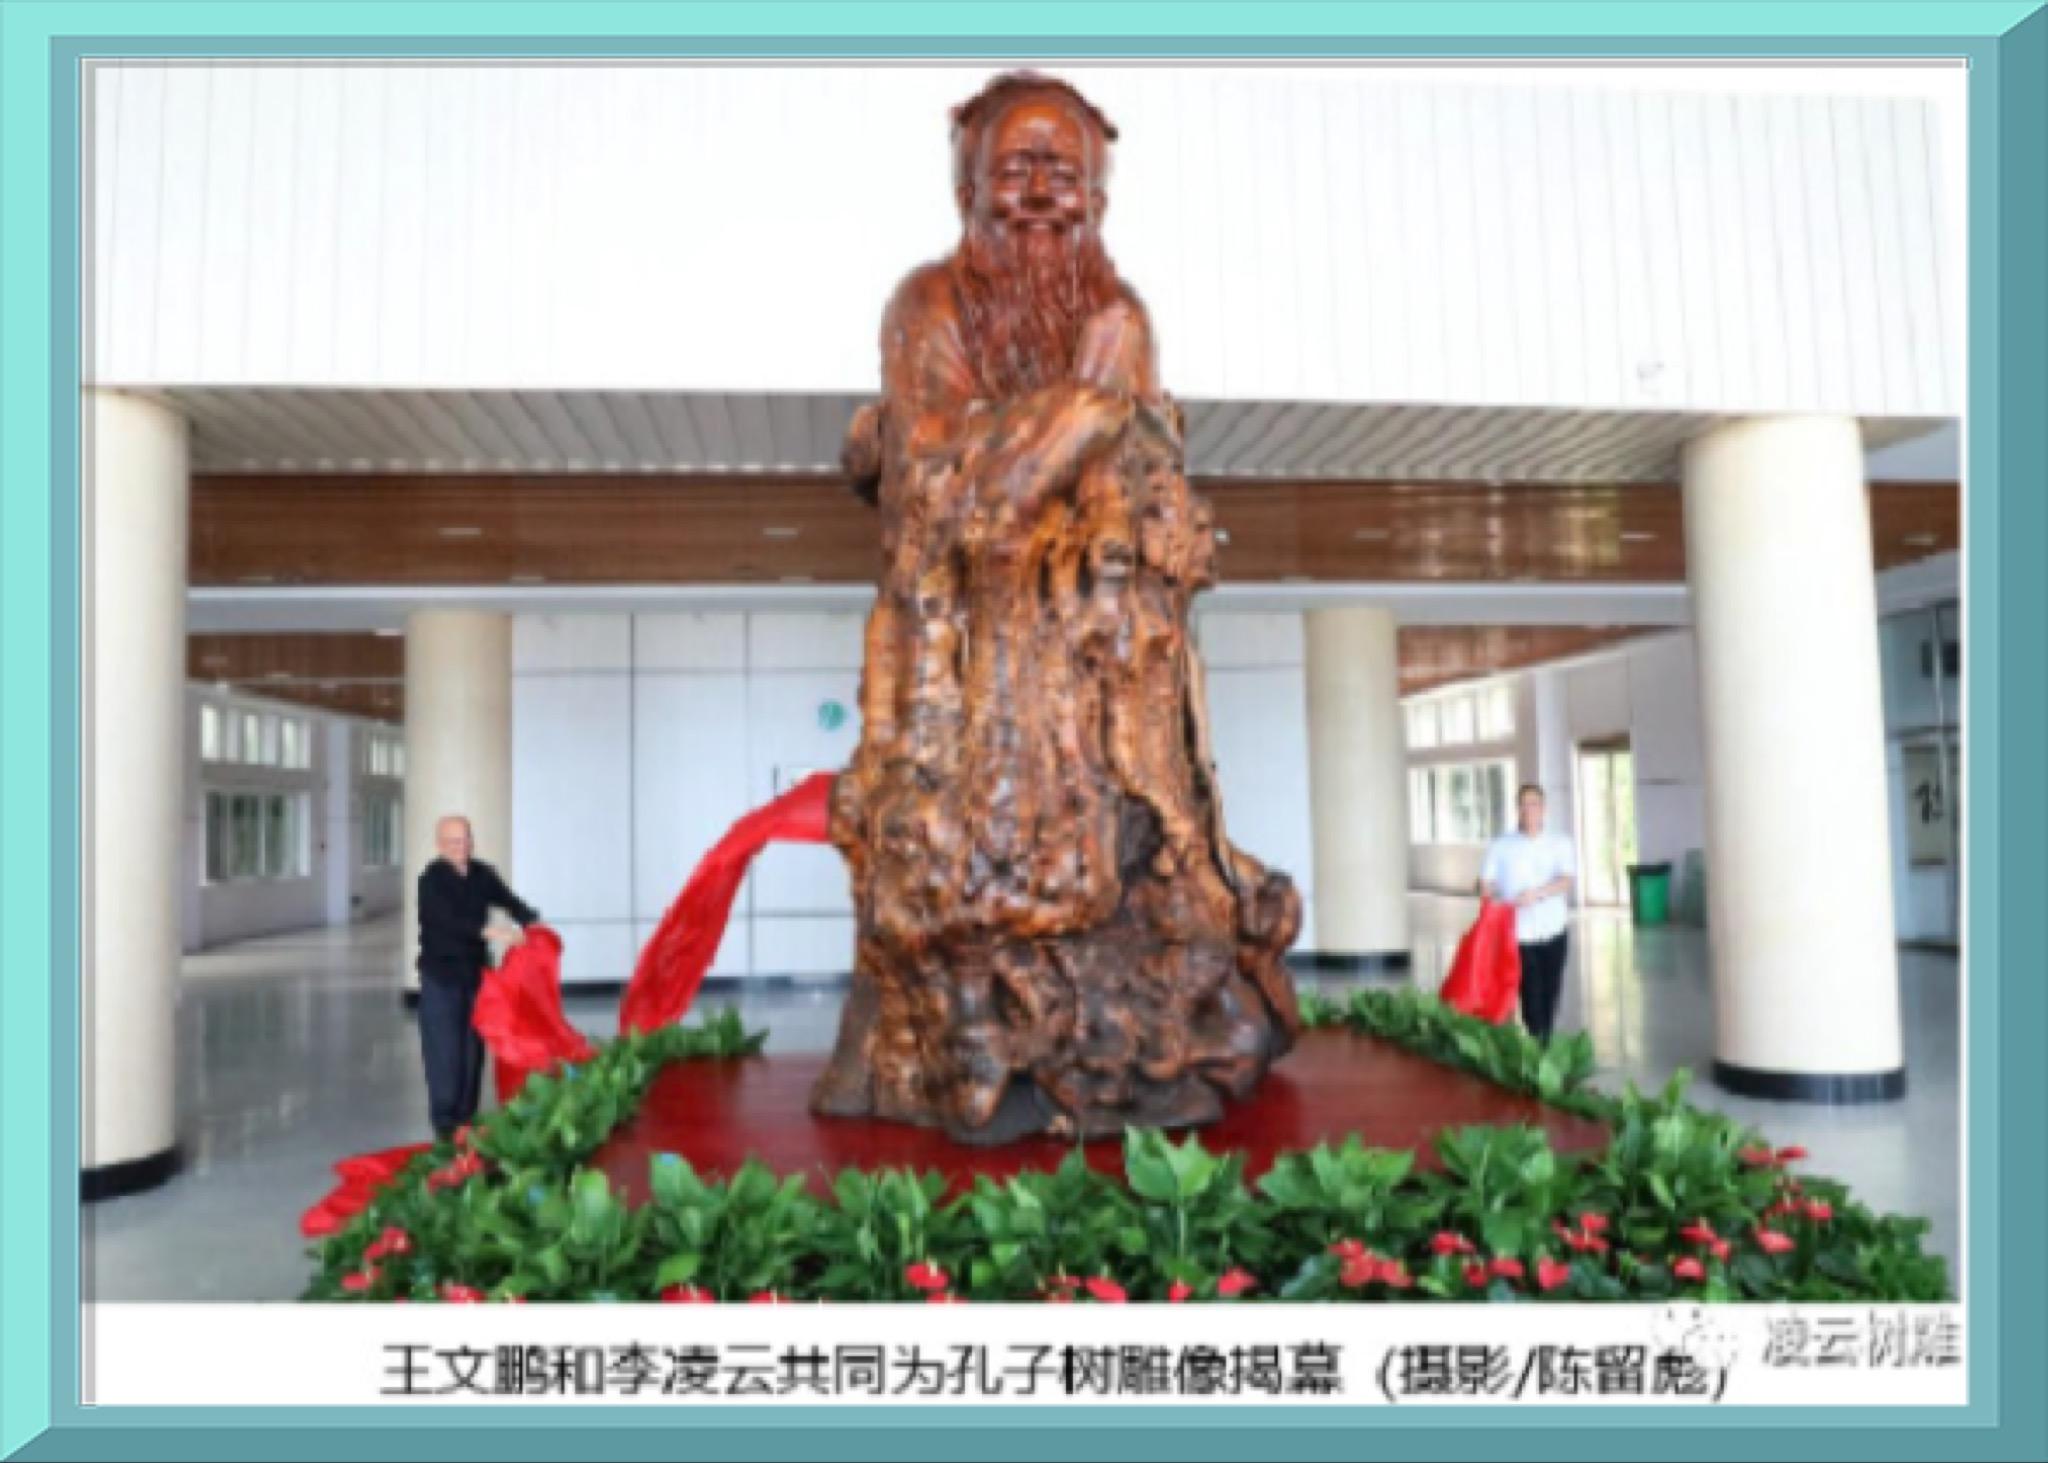 中国树雕艺术创始人李凌云2021年新年贺词